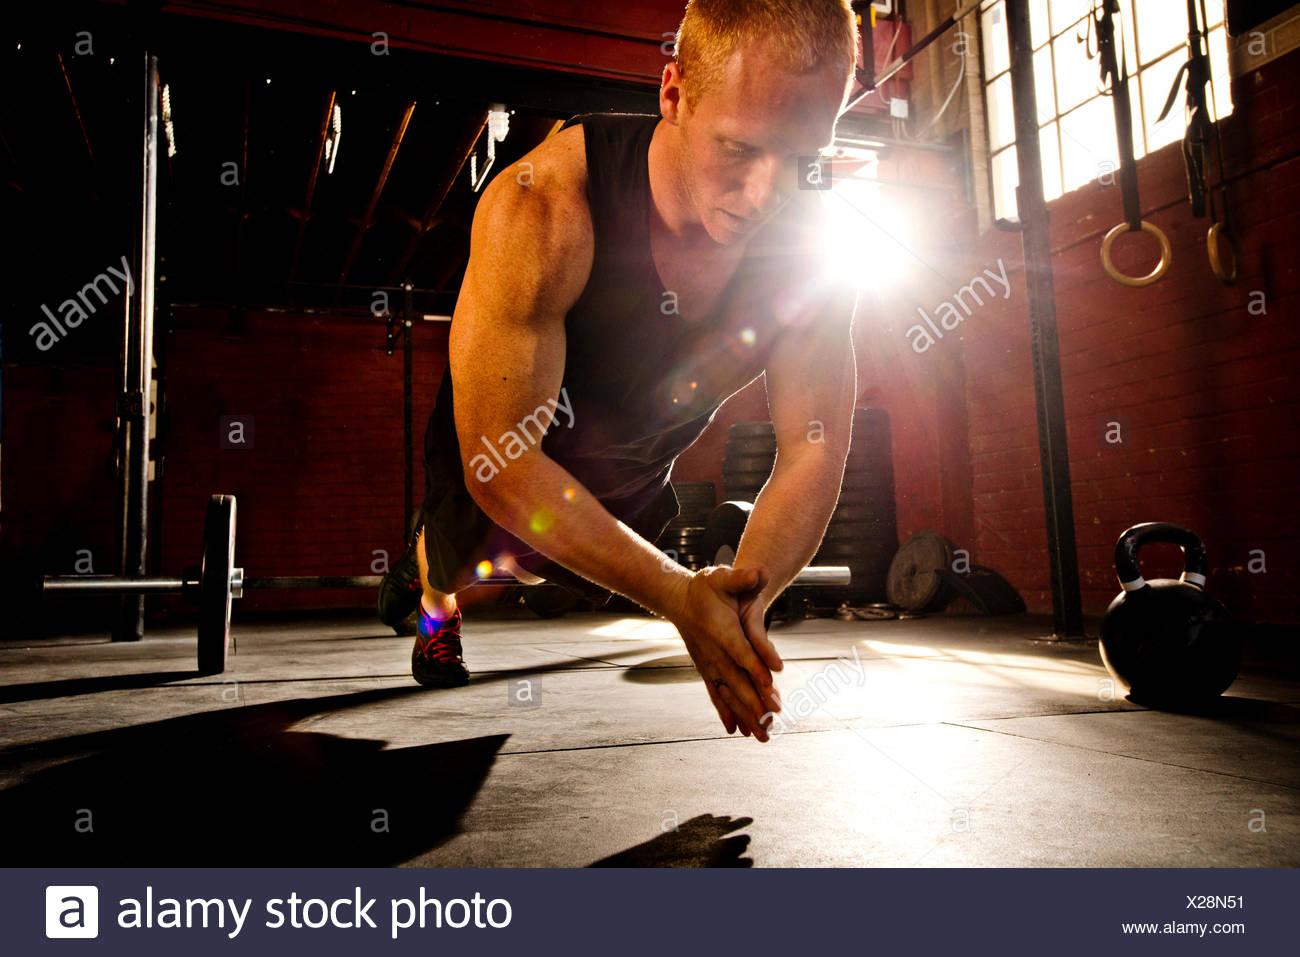 Un atleta crossfit crossfit trabaja en un gimnasio. Imagen De Stock